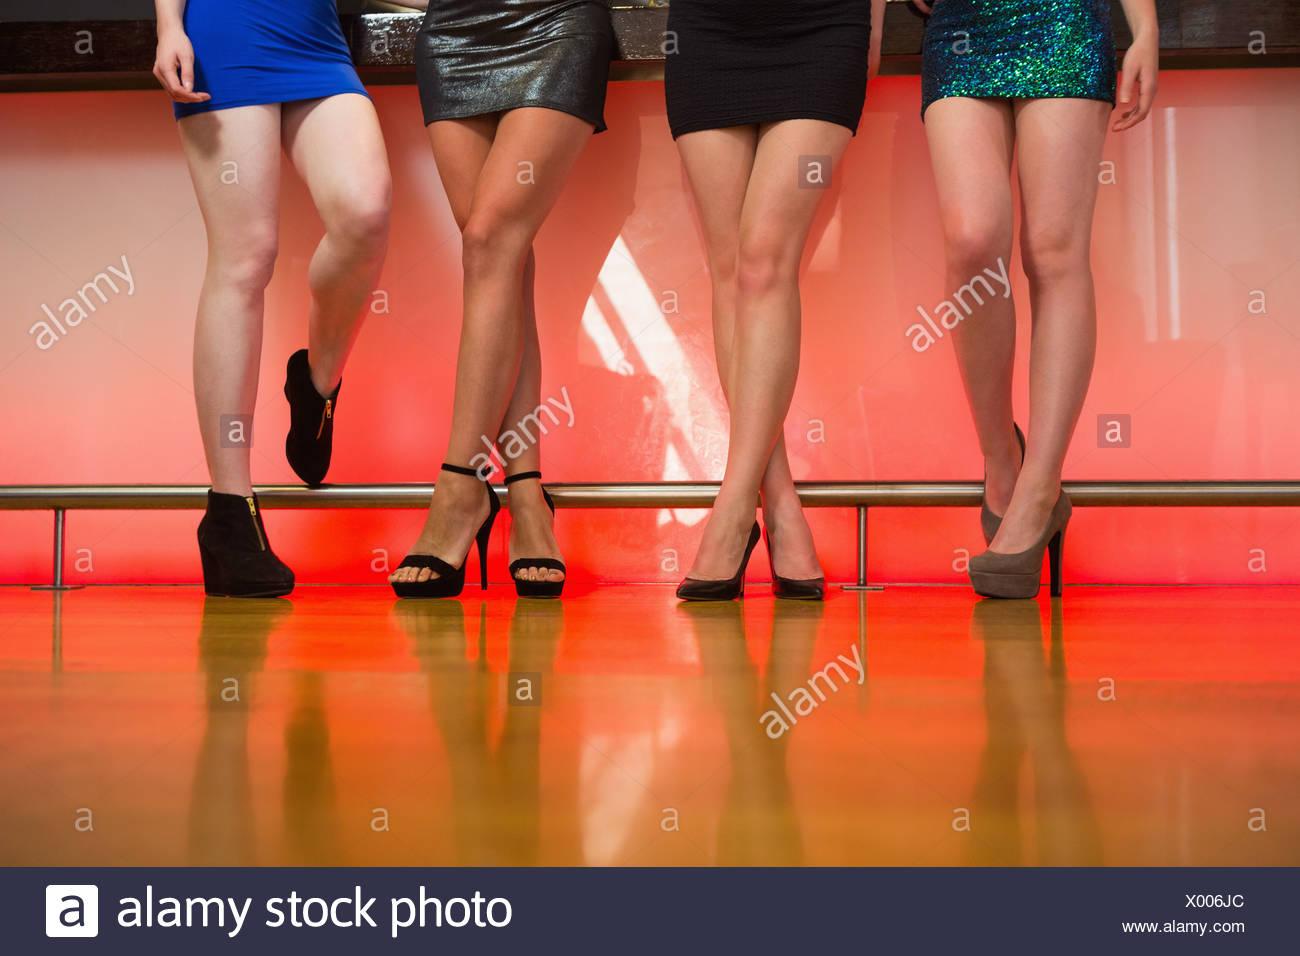 Las mujeres jóvenes piernas posando Imagen De Stock